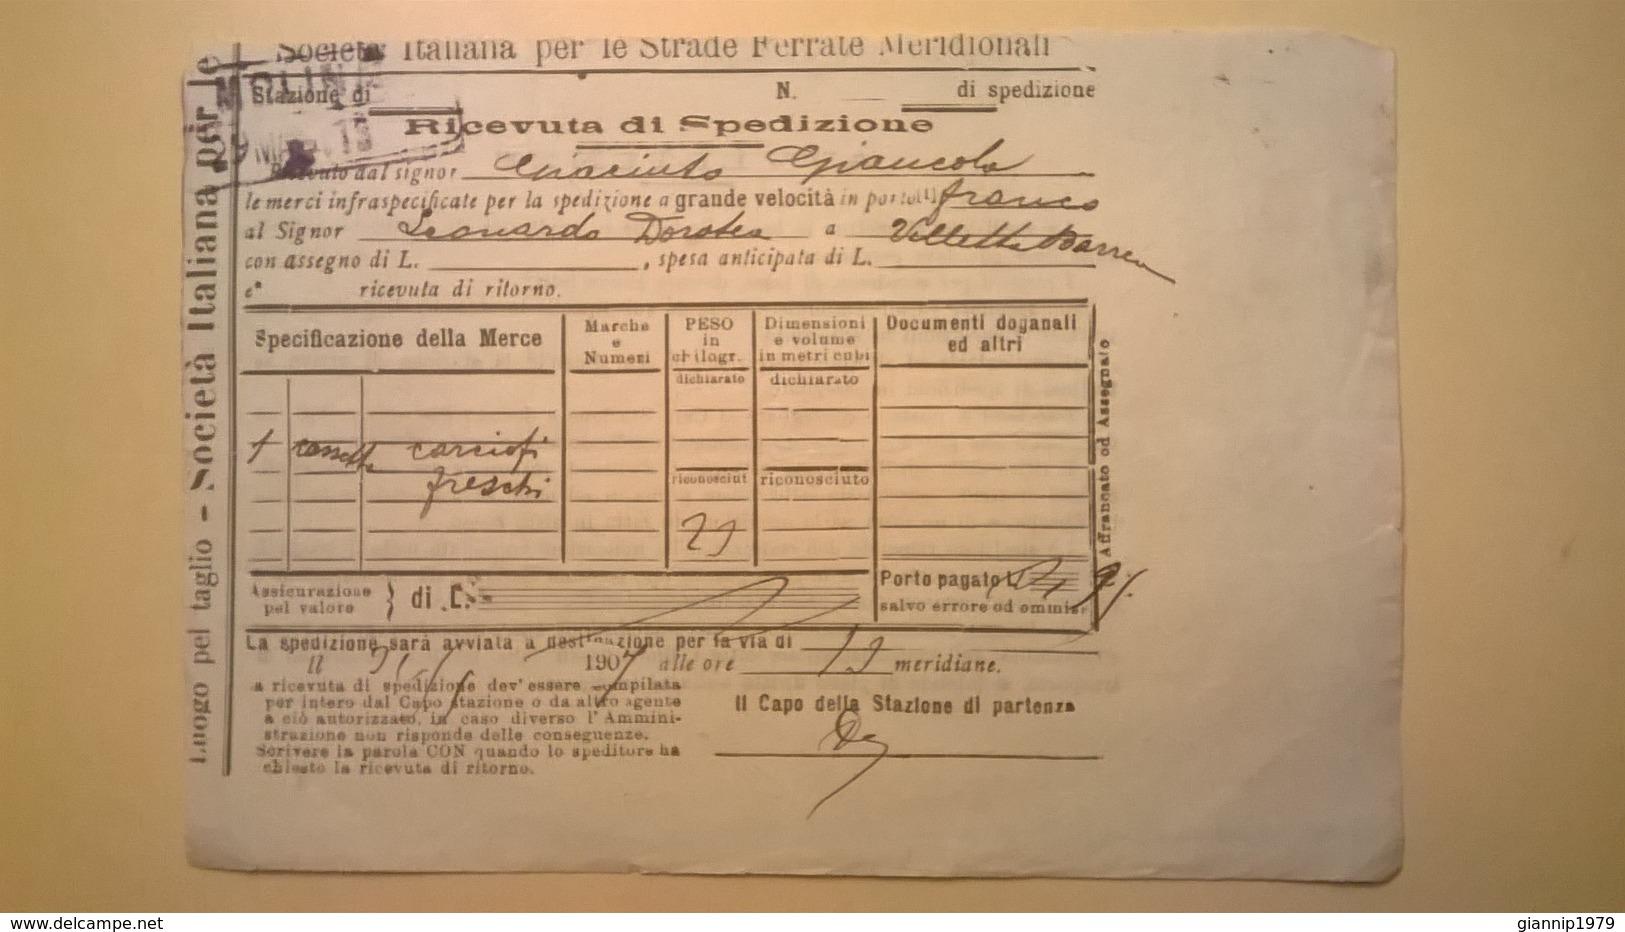 1907 FERROVIE DELLO STATO REGNO RICEVUTA SPEDIZIONE STRADE FERRATE MERIDIONALI GRANDE VELOCITA DESCRIZIONE MERCI - Europa